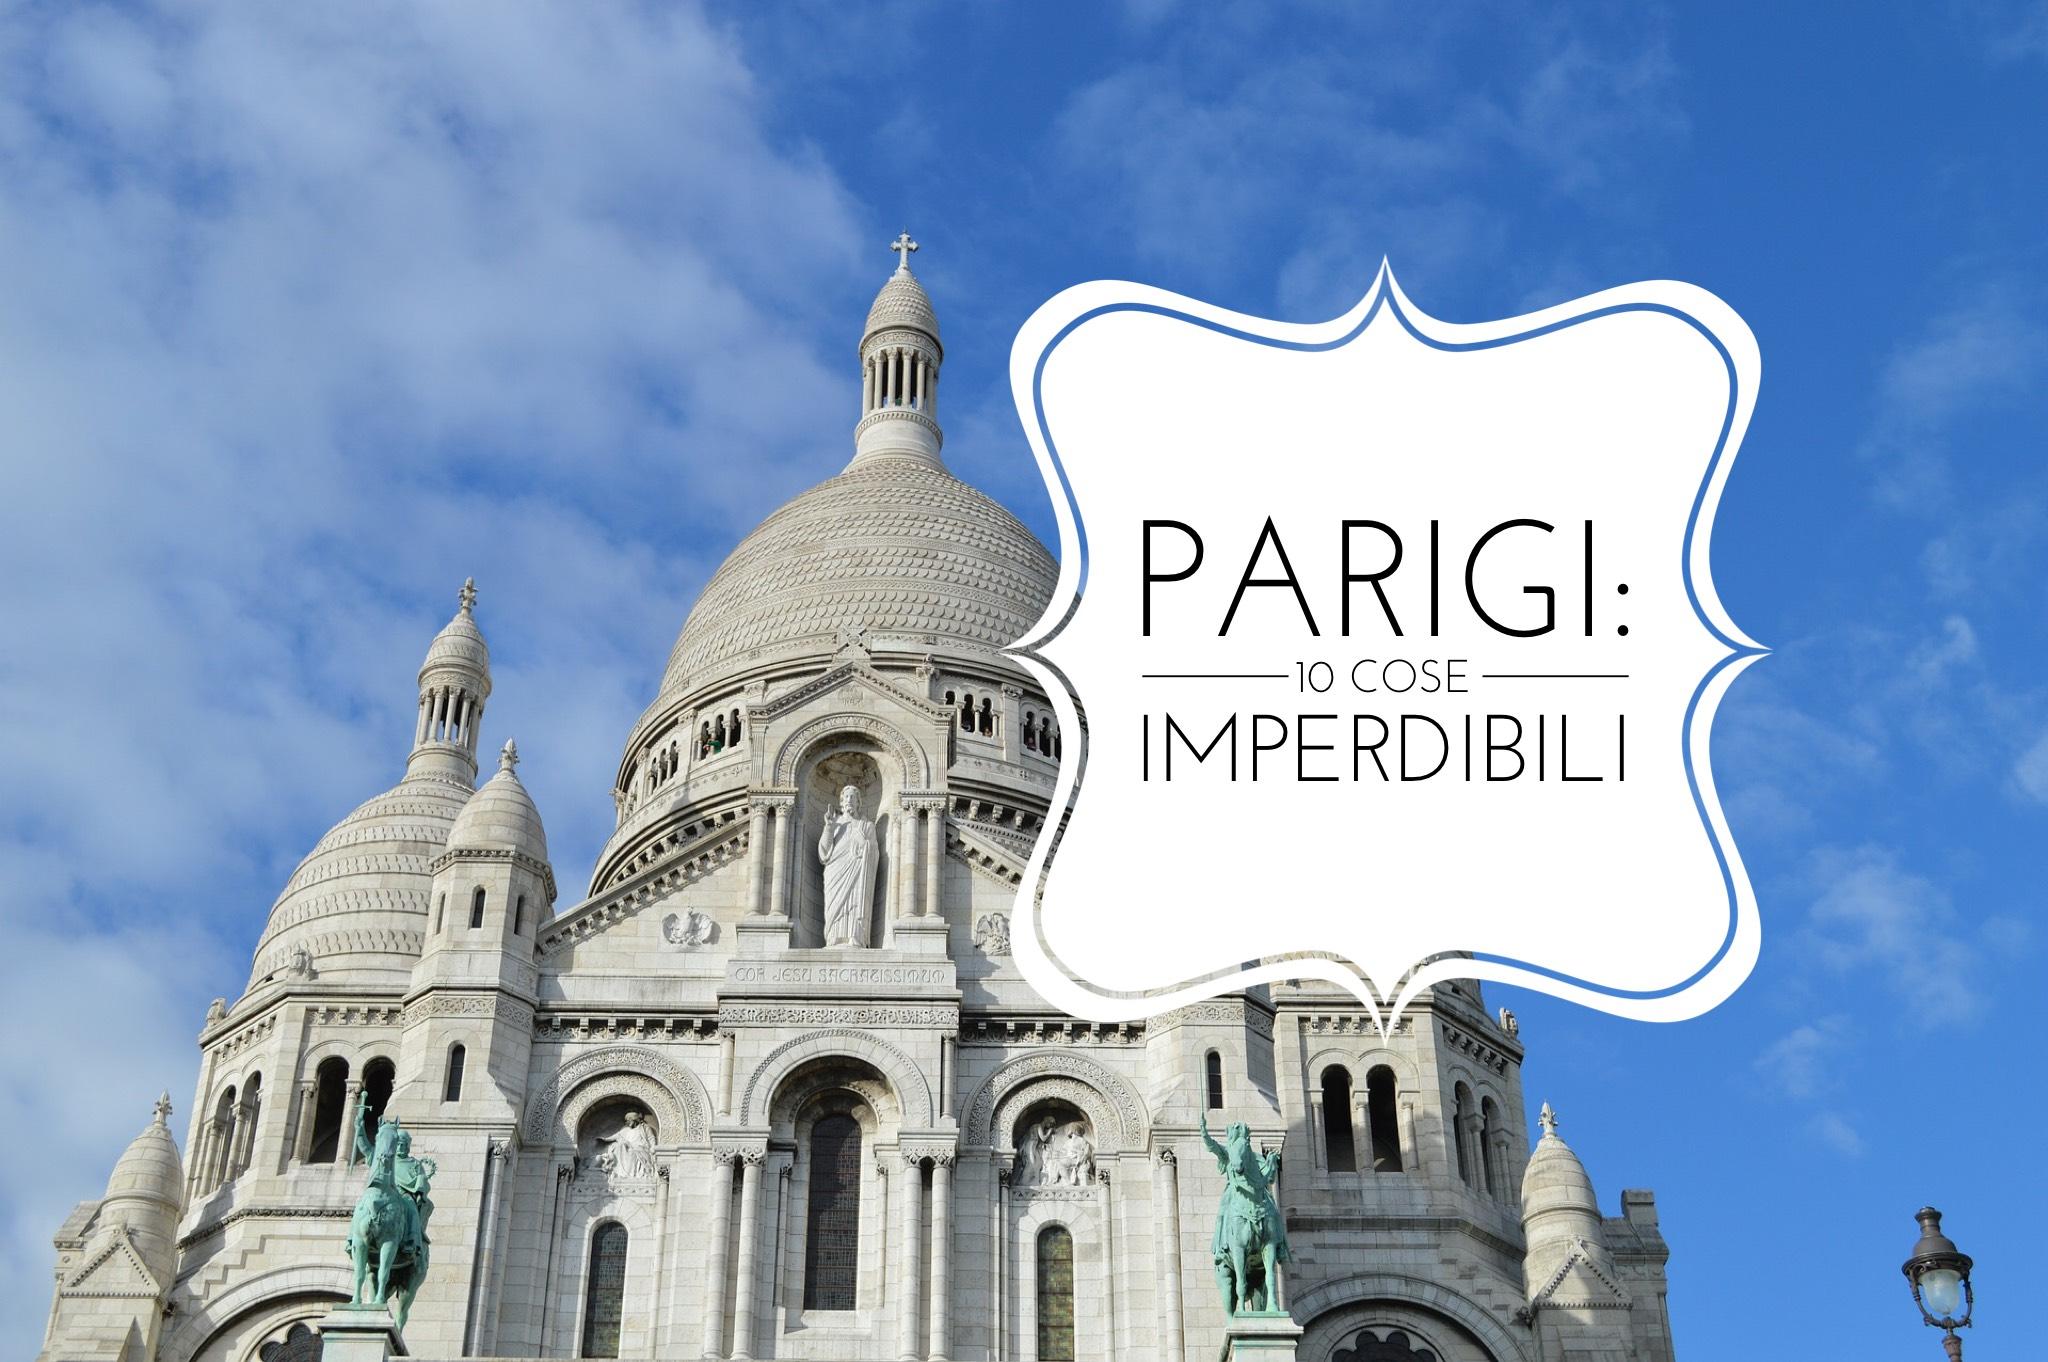 Prima volta a Parigi: 10 cose imperdibili 6